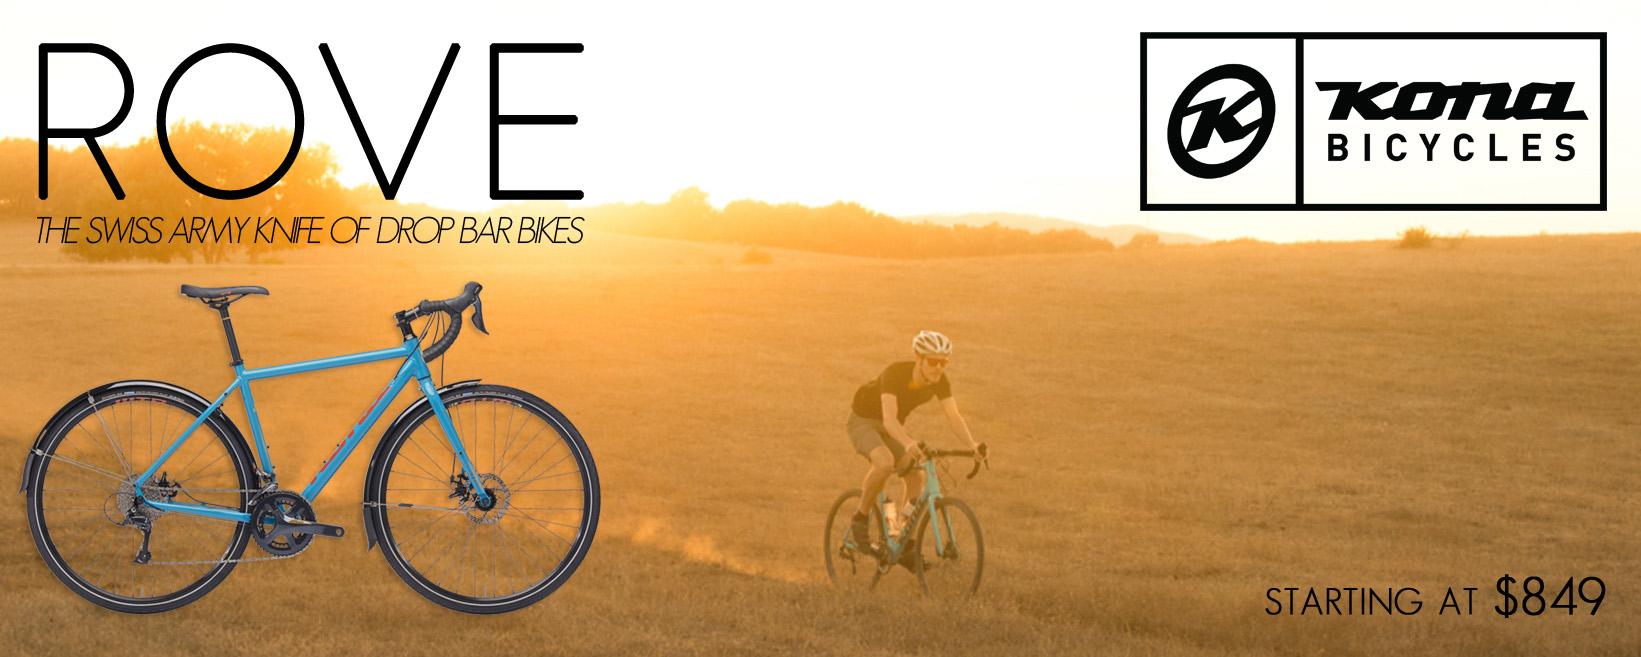 service banner-2019-konarovewithbike